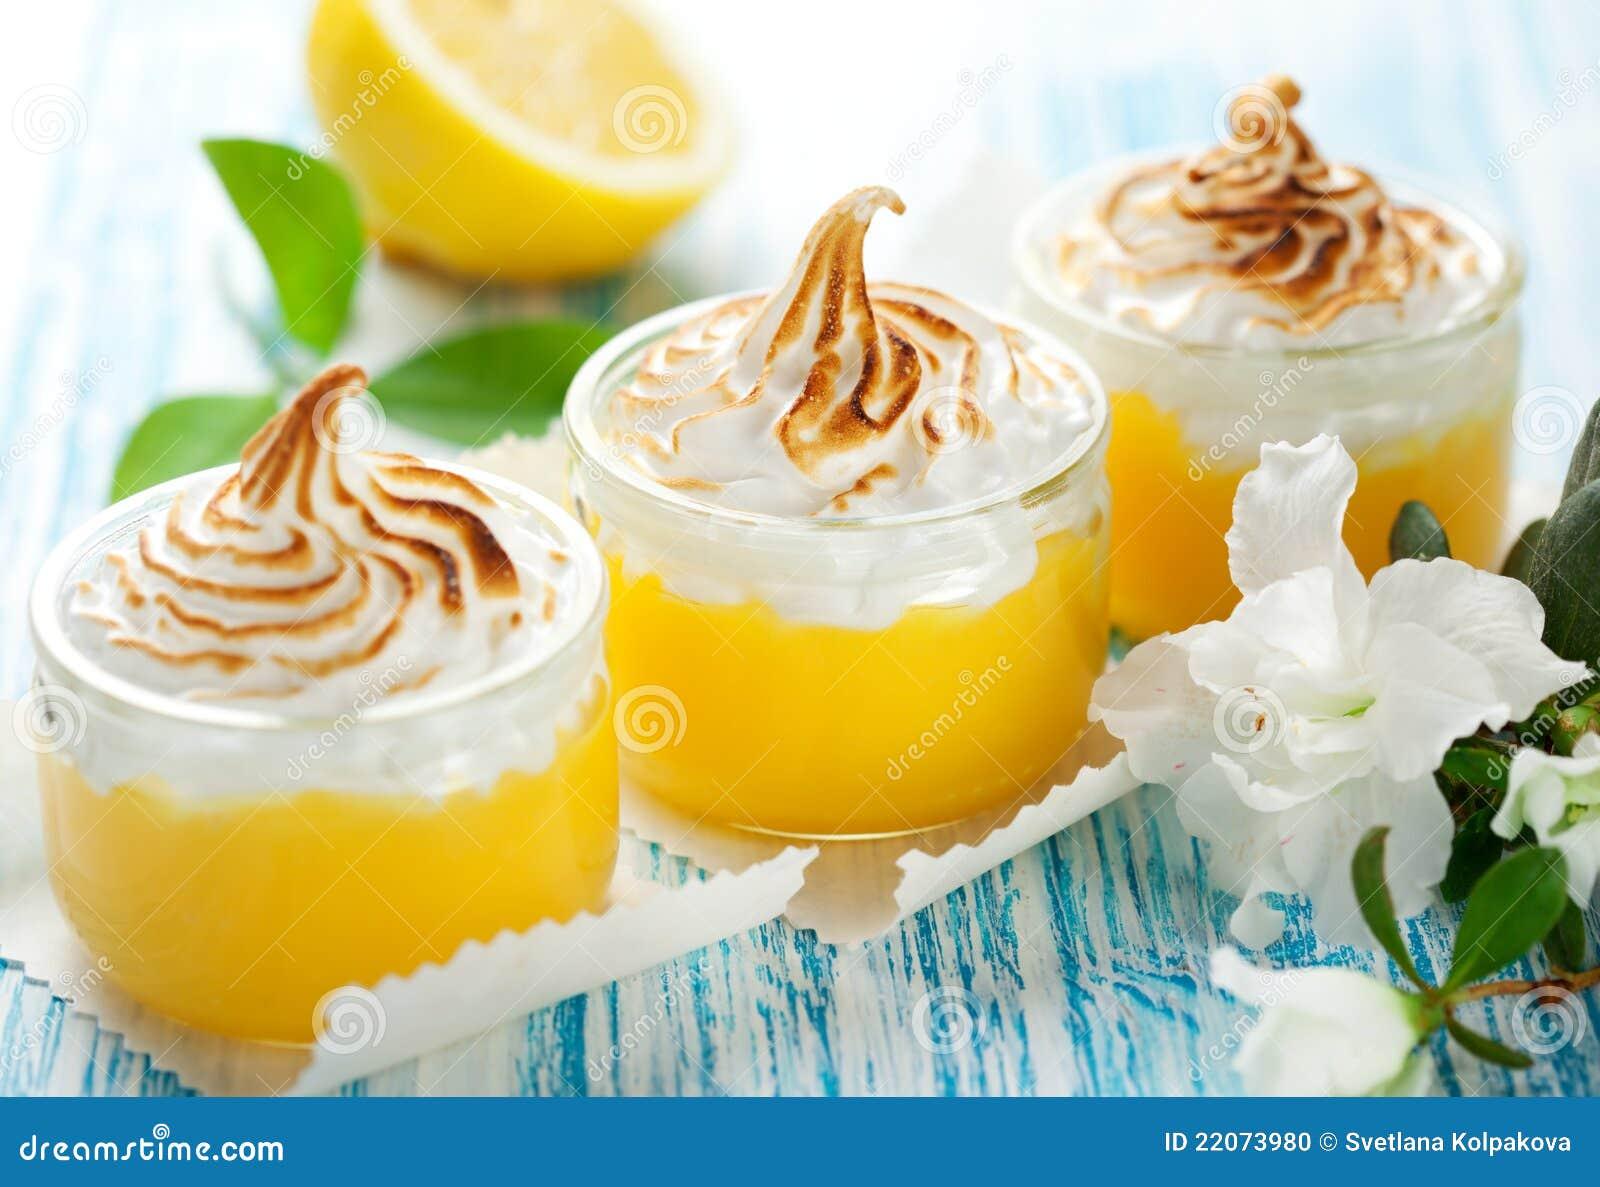 Lemon Meringue Dessert